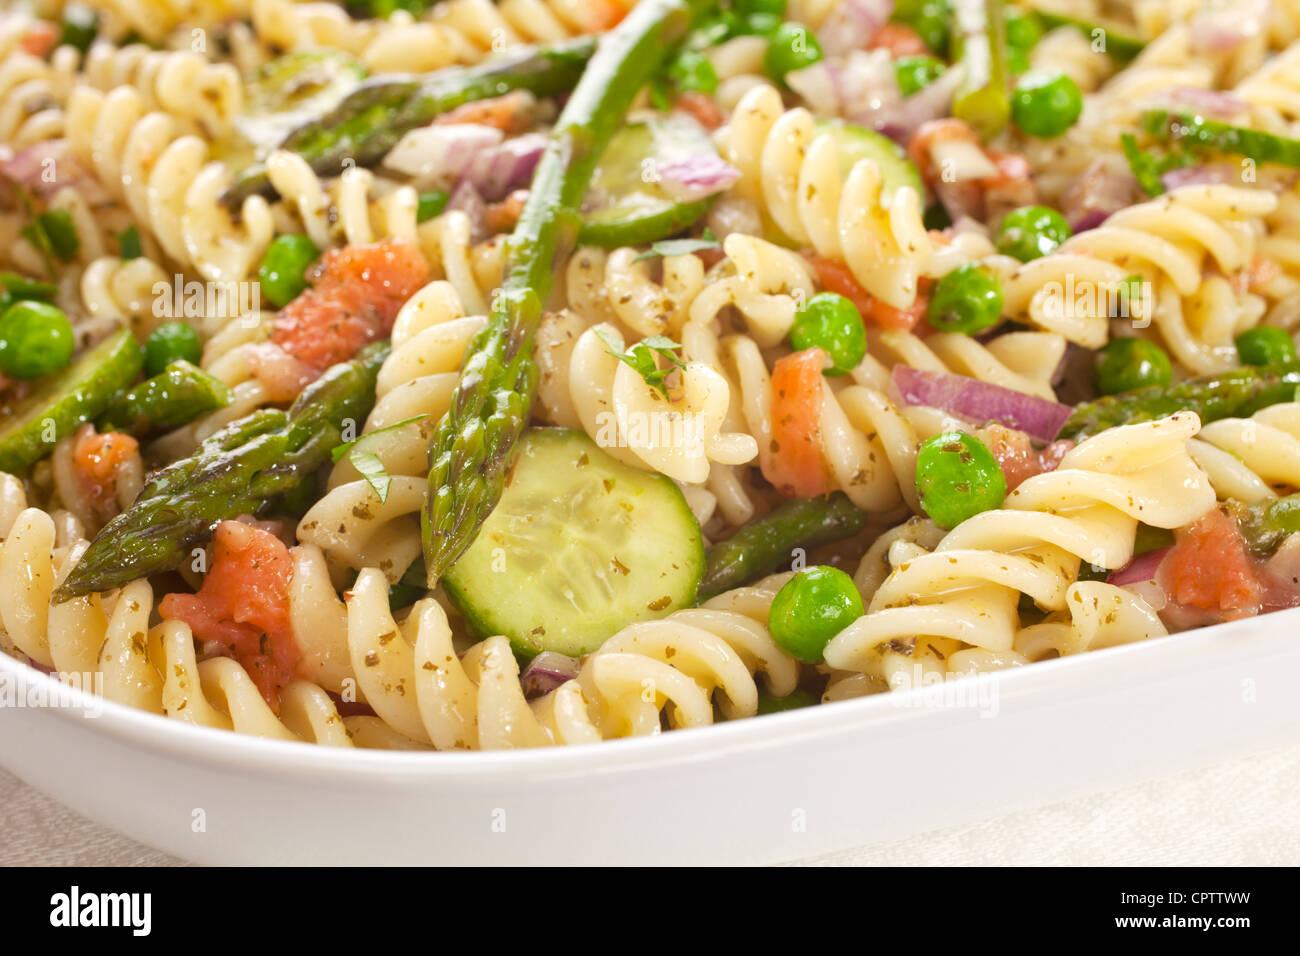 Salade de pâtes alimentaires faites avec les asperges, les pois, l'oignon rouge, de concombre et de morceaux Photo Stock